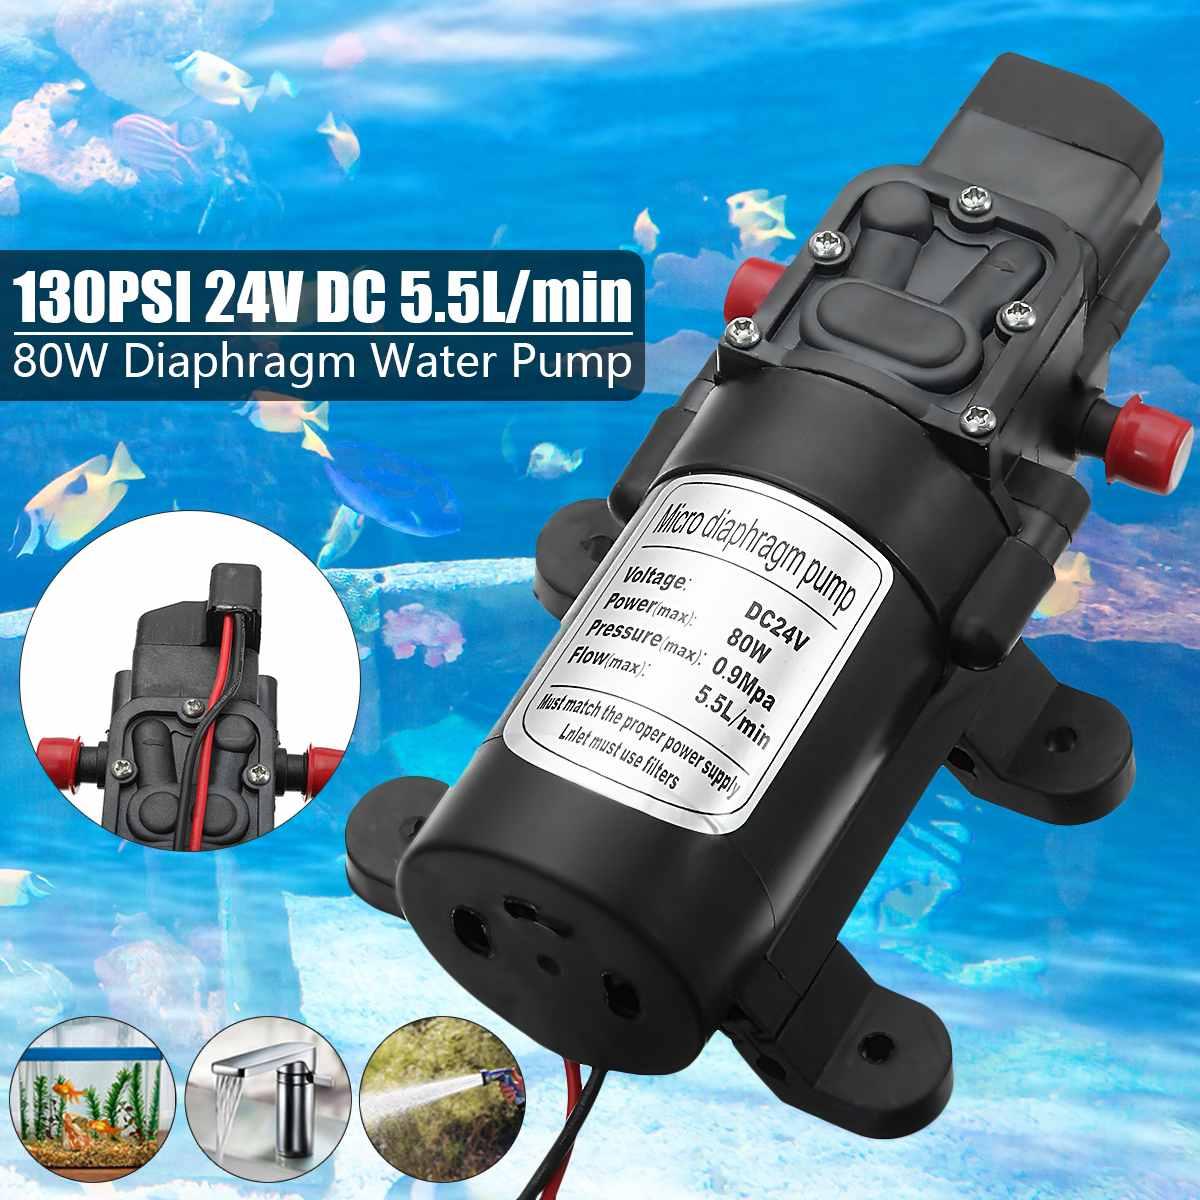 تيار مستمر 24 فولت 130PSI الزراعية الكهربائية مضخة مياه الأسود مايكرو ارتفاع ضغط الحجاب الحاجز المياه البخاخ غسيل السيارات 80 واط